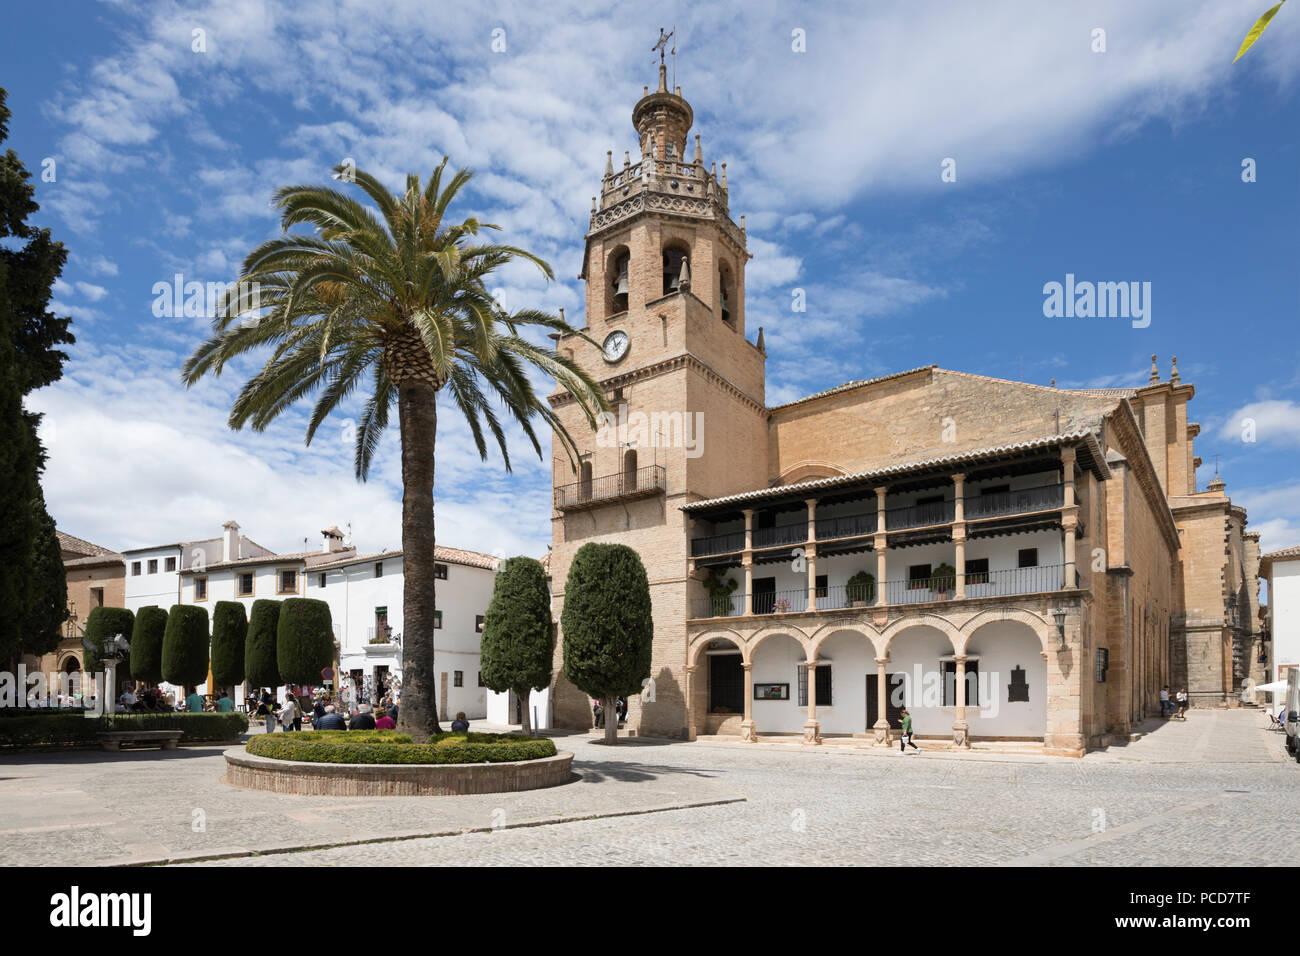 La Iglesia de Santa Maria la Mayor nella Plaza Duquesa de Parcent (Piazza Municipio), Ronda, Andalusia, Spagna, Europa Immagini Stock